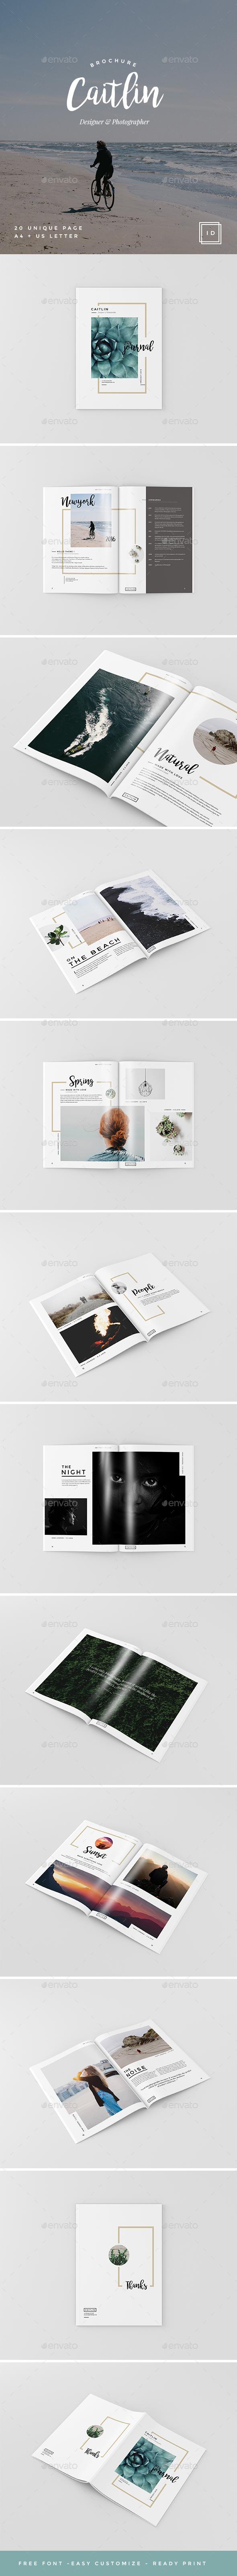 Caitlin - Creative Portfolio, Photography Brochure - Portfolio Brochures